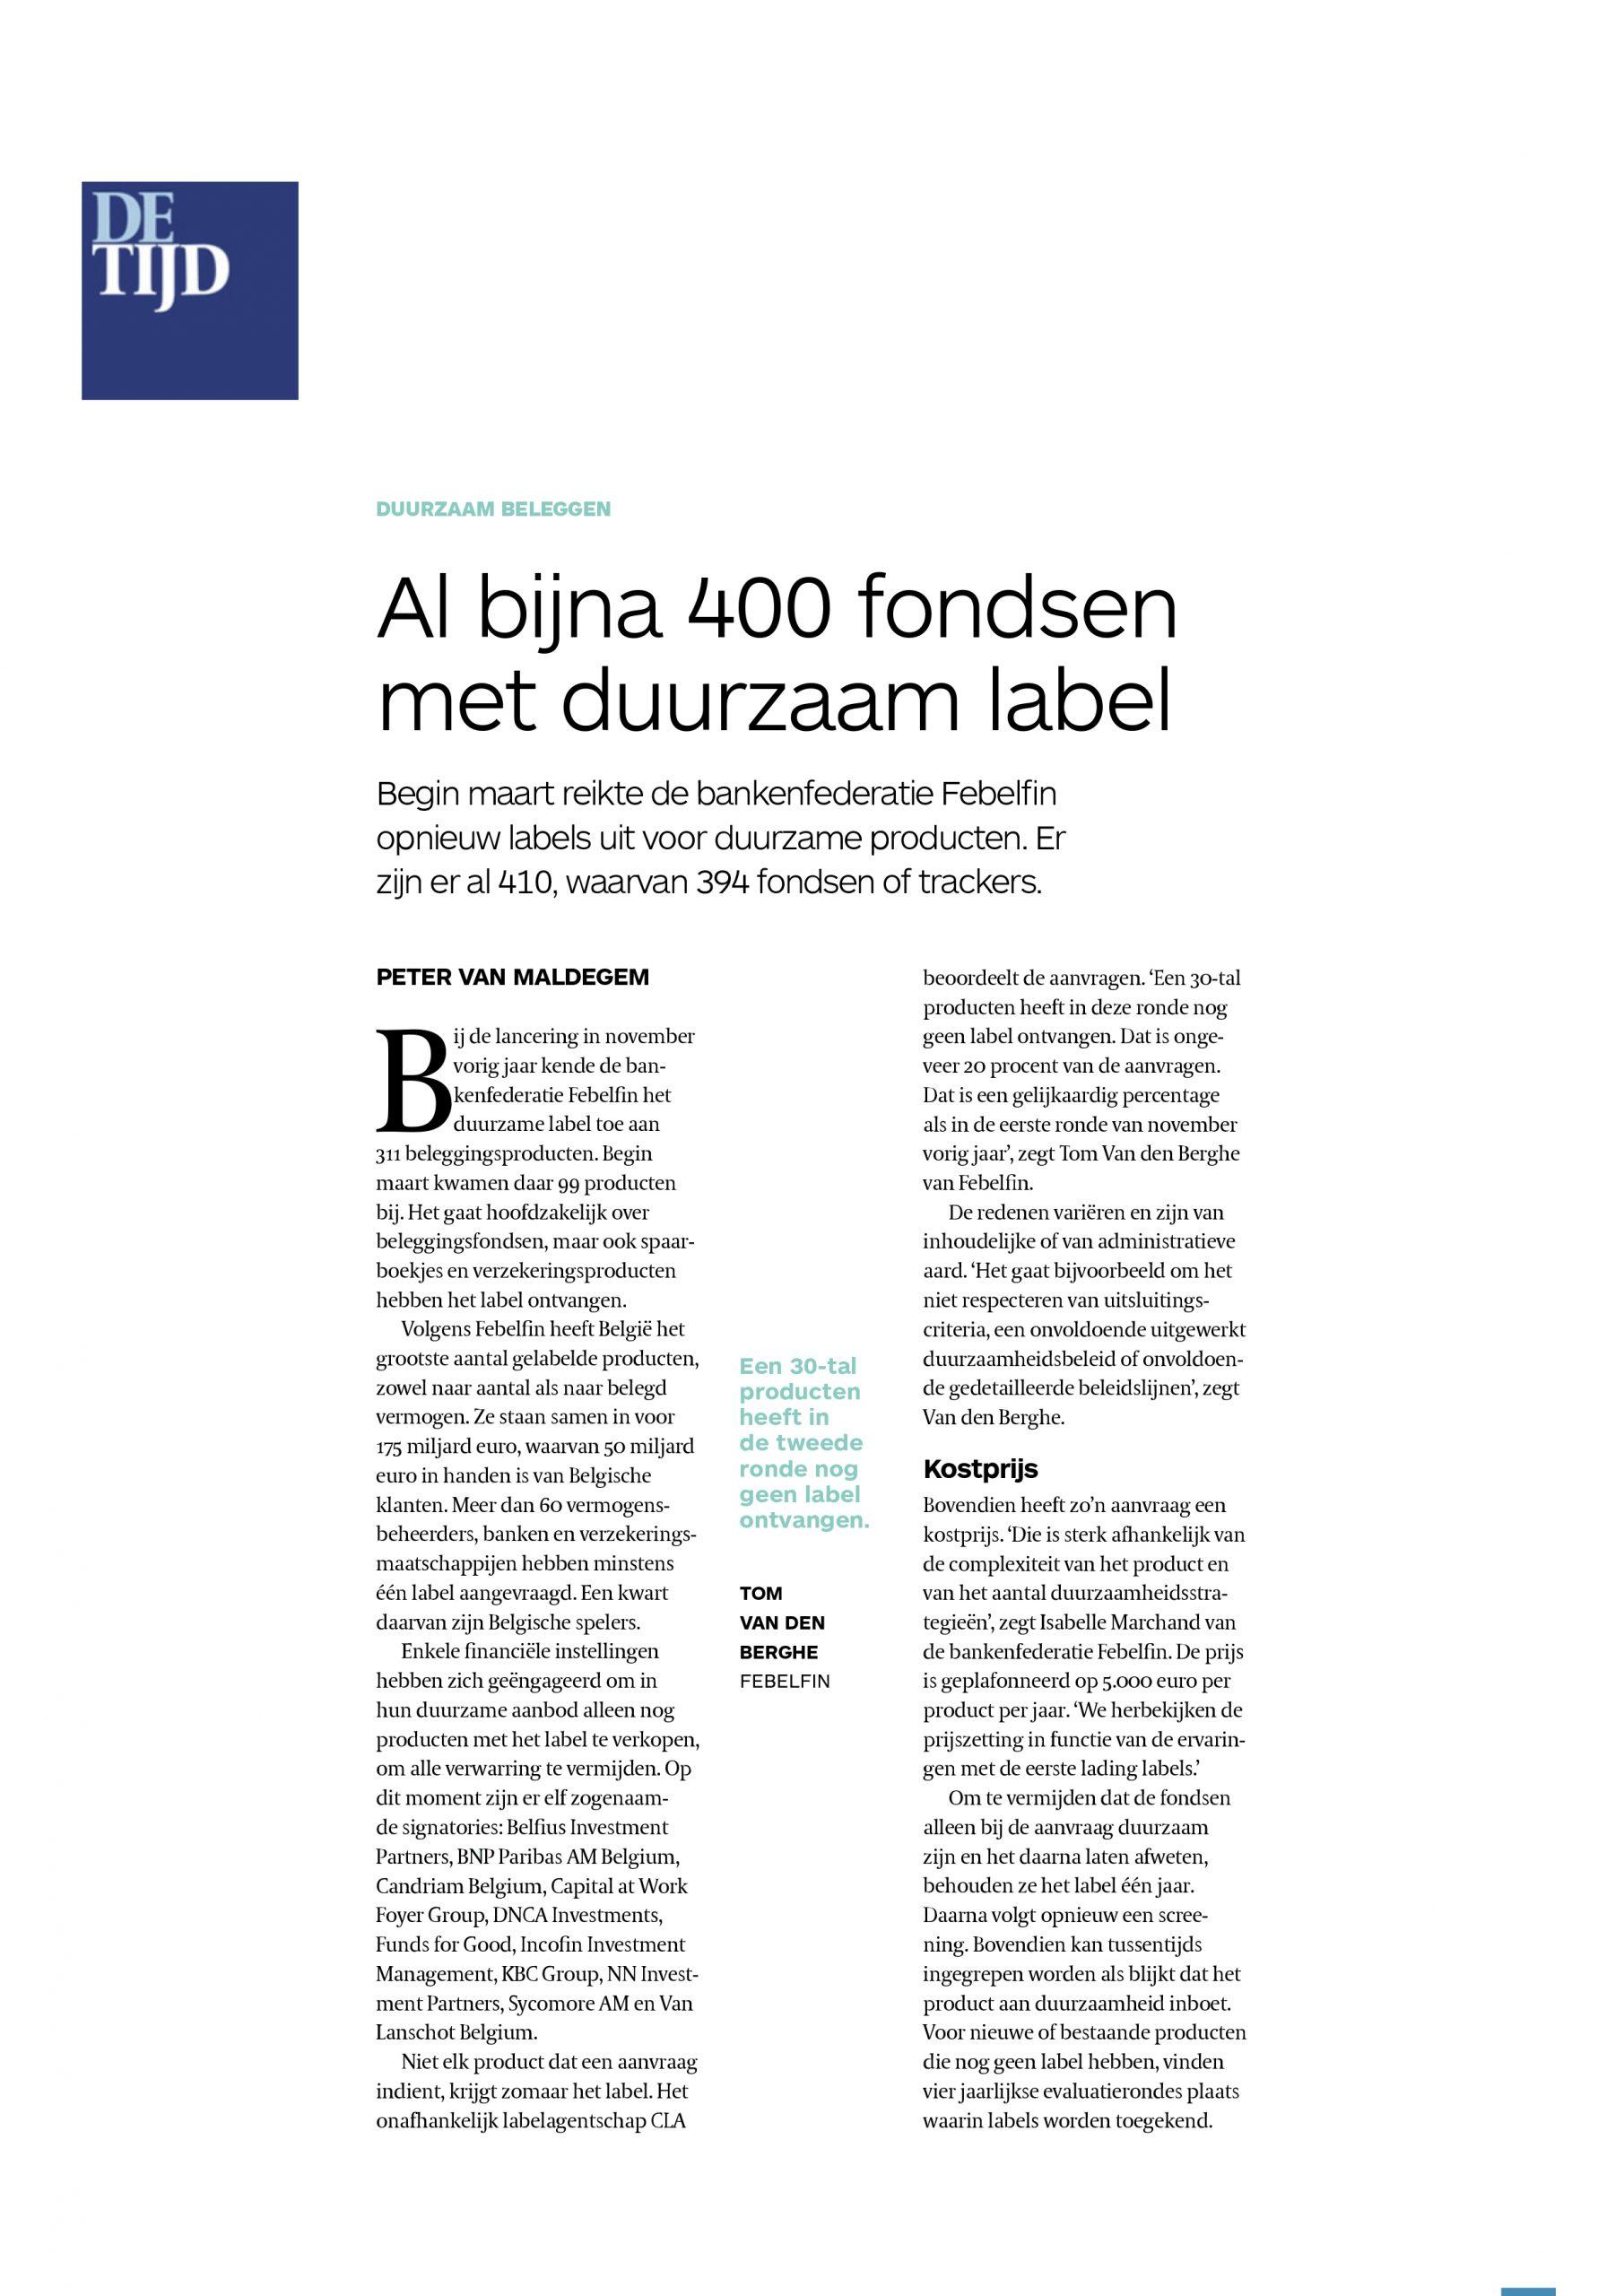 new_20200327-fonds-de-tijd-al-bijna-400-fondsen-met-duurzaam-label-kostprijs